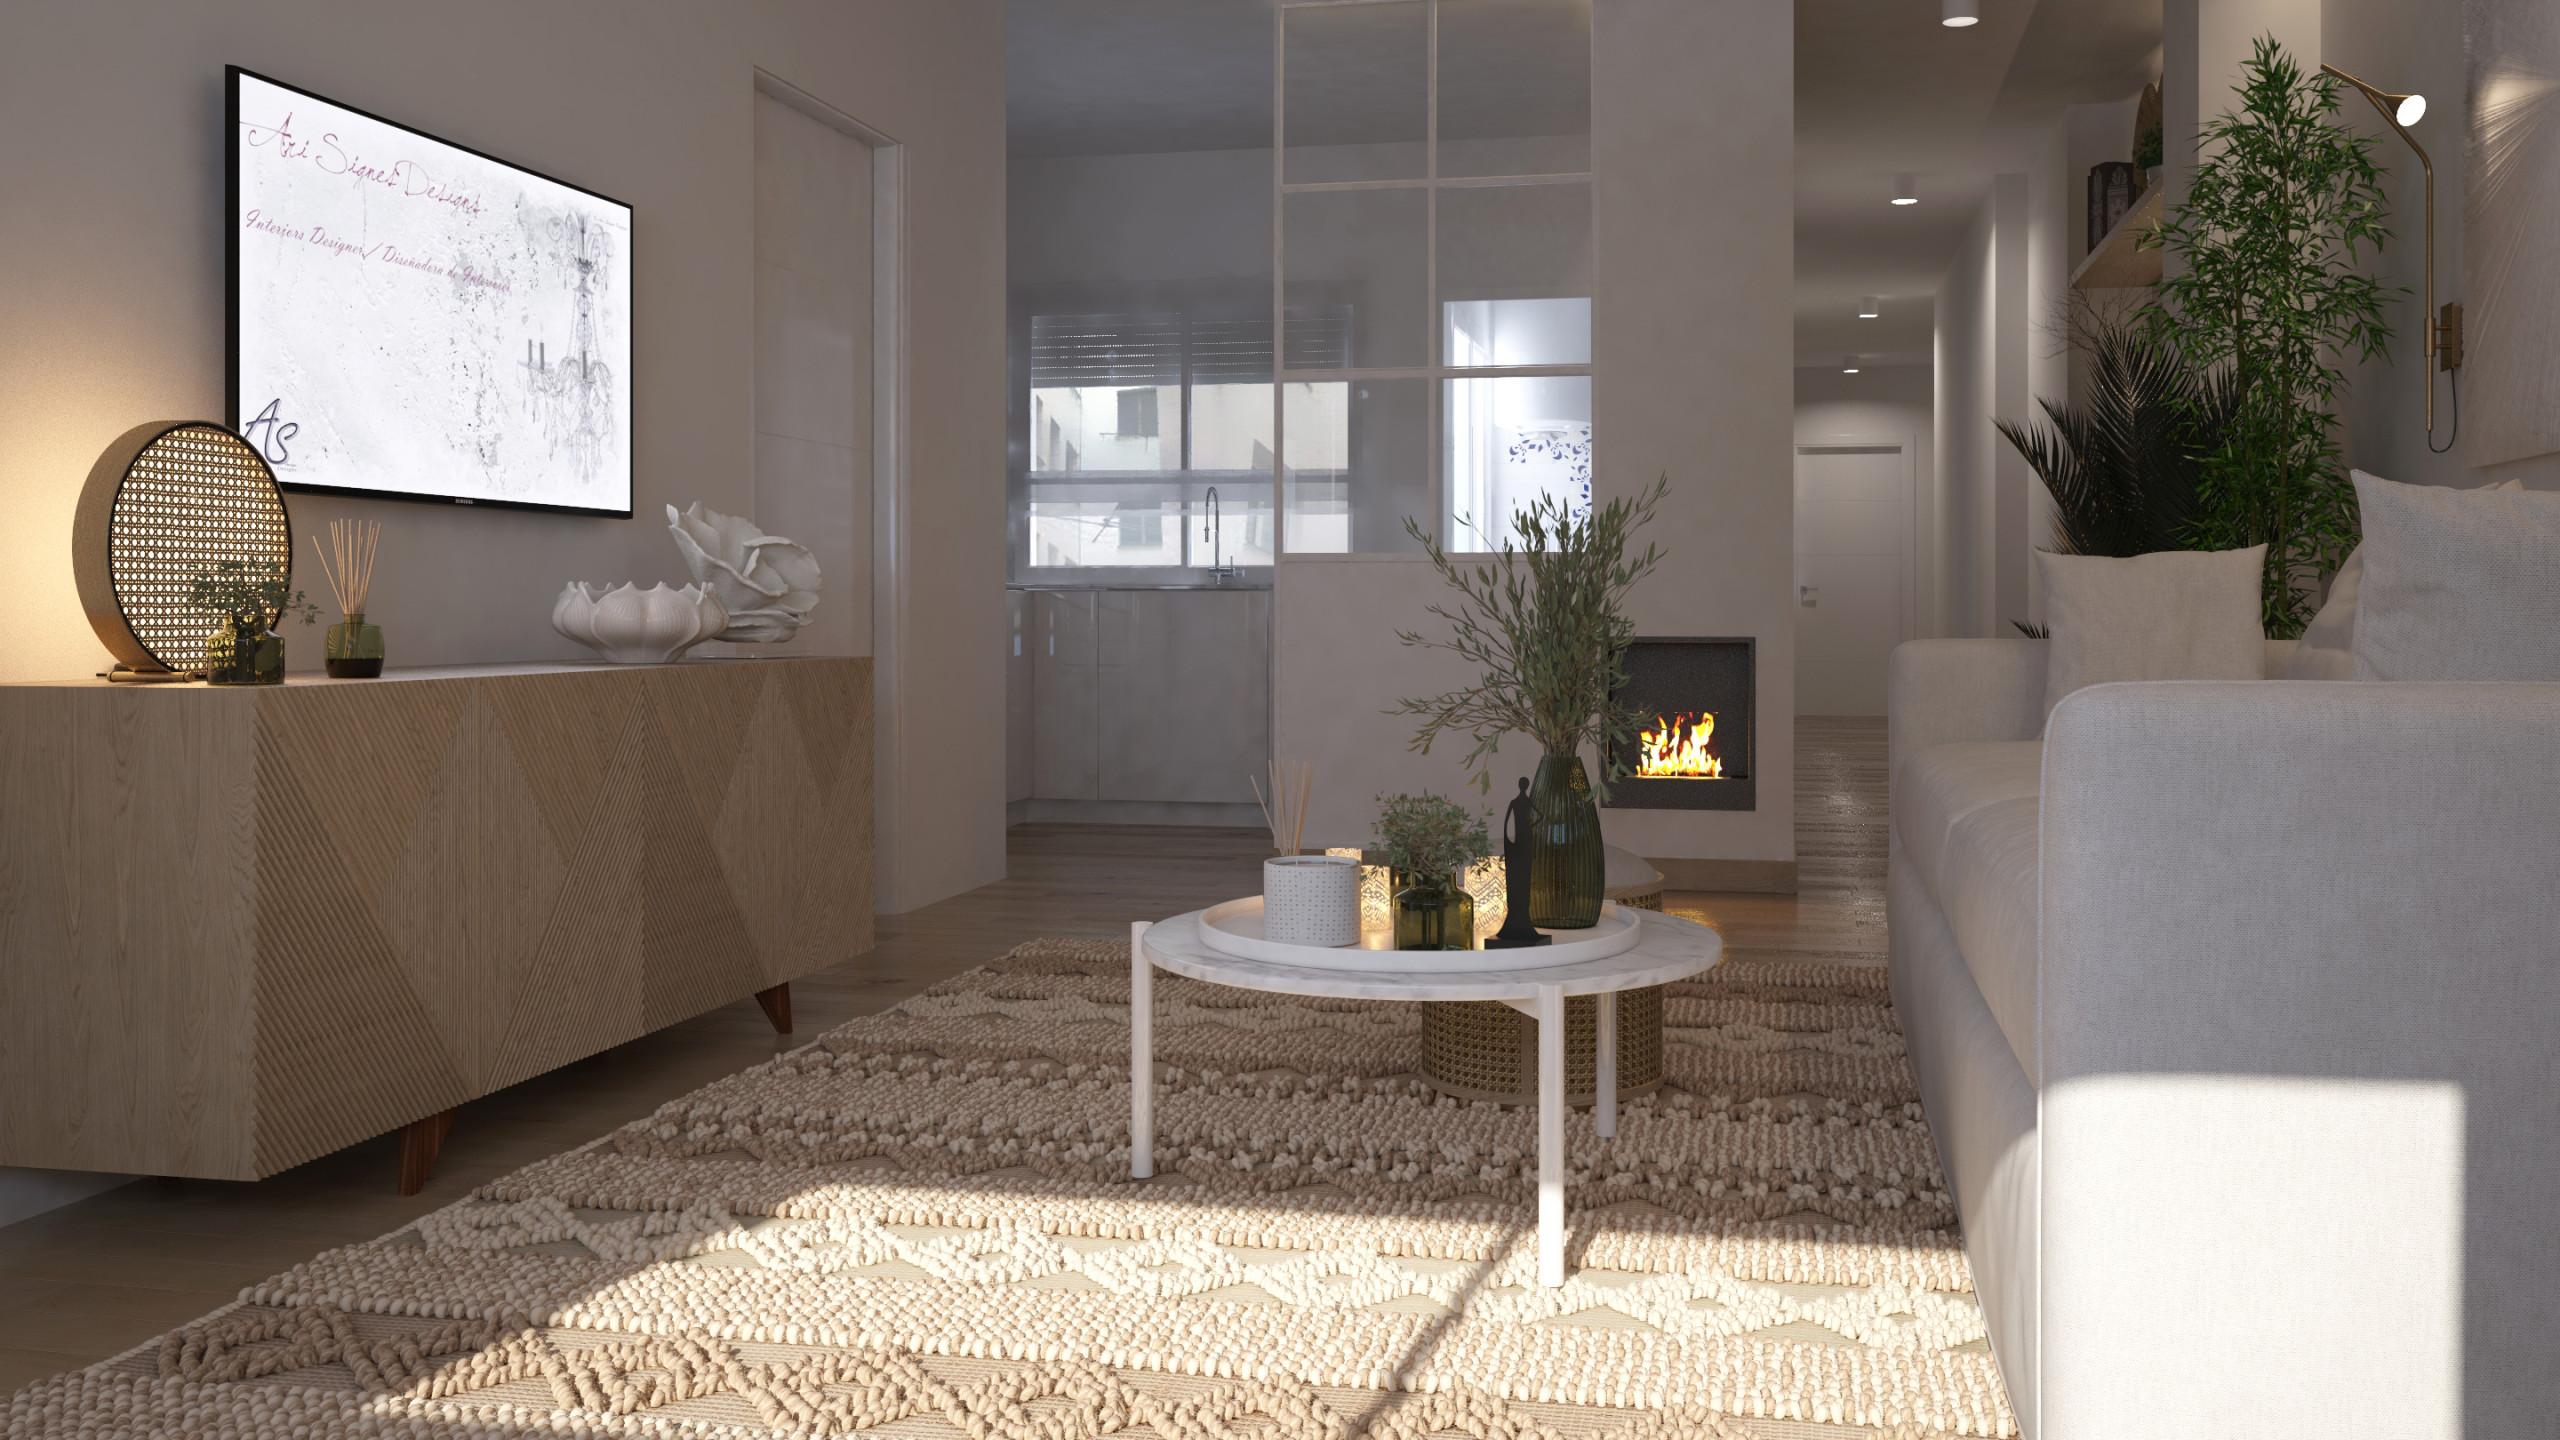 Nuevo proyecto para reforma Integral de apartamento-Moncada